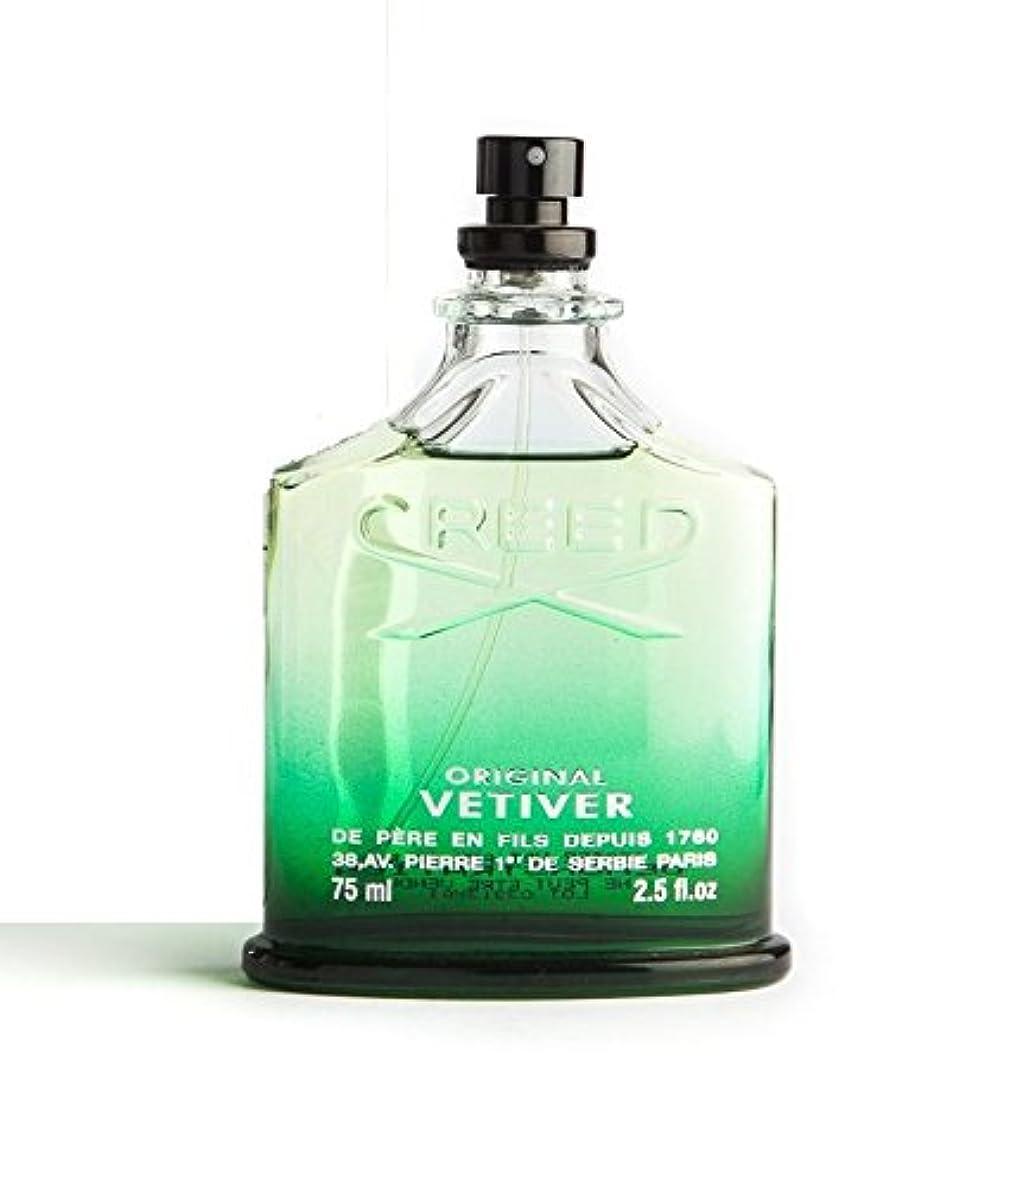 子供達ローン有益なCreed Vetiver Original (クリード ベチバーオリジナル) 2.5 oz (75ml) EDT Spray (テスター/箱なし?キャップなし) by Creed for Men